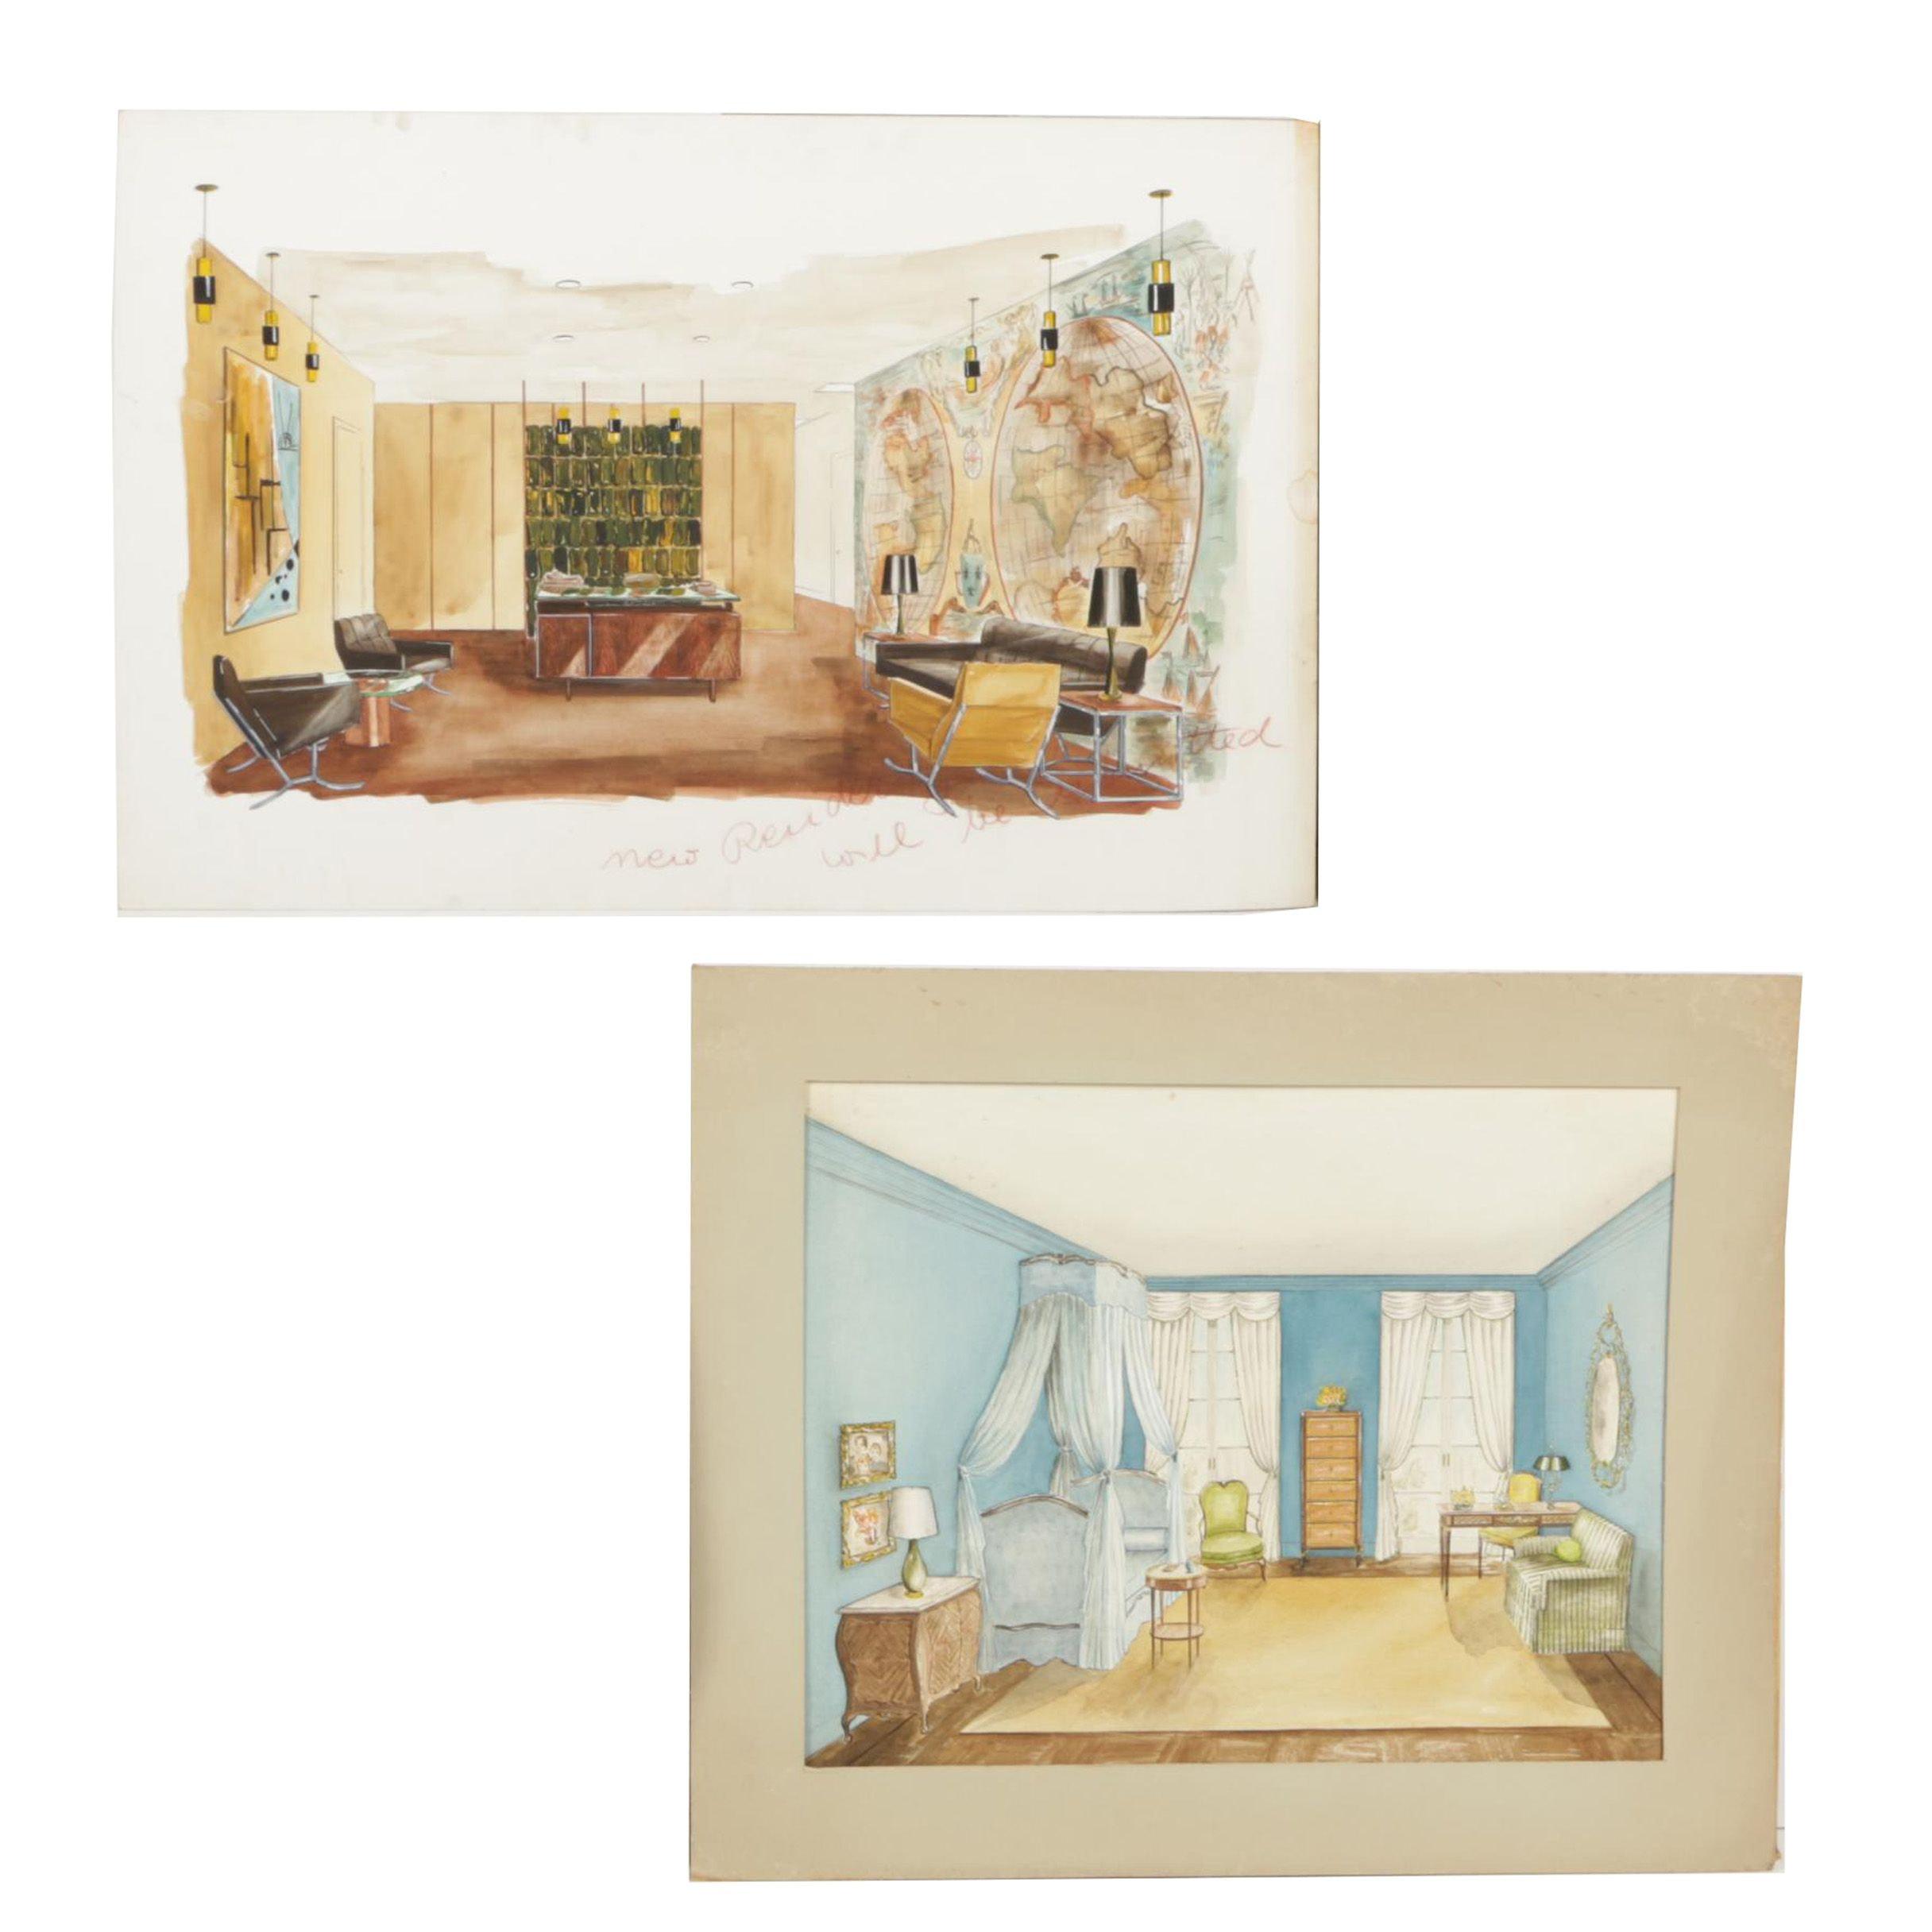 Pair of Mixed Media Interior Renderings on Illustration Board